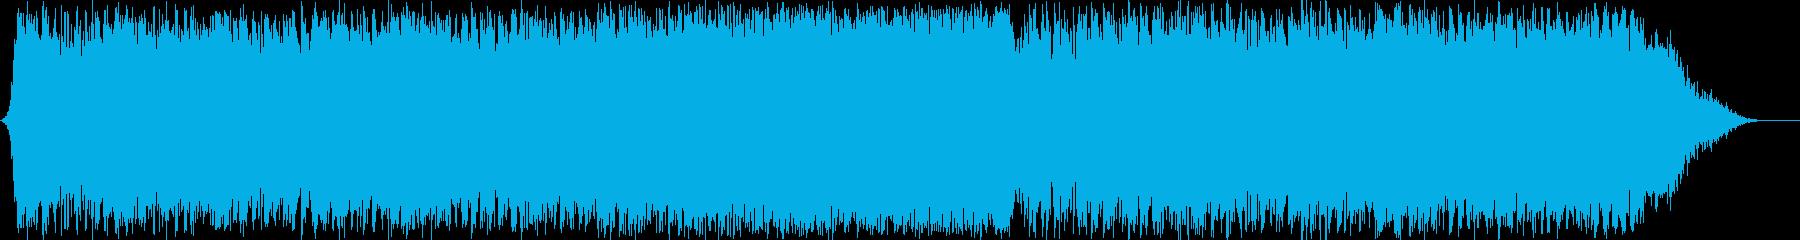 ダークファンタジーオーケストラ戦闘曲53の再生済みの波形